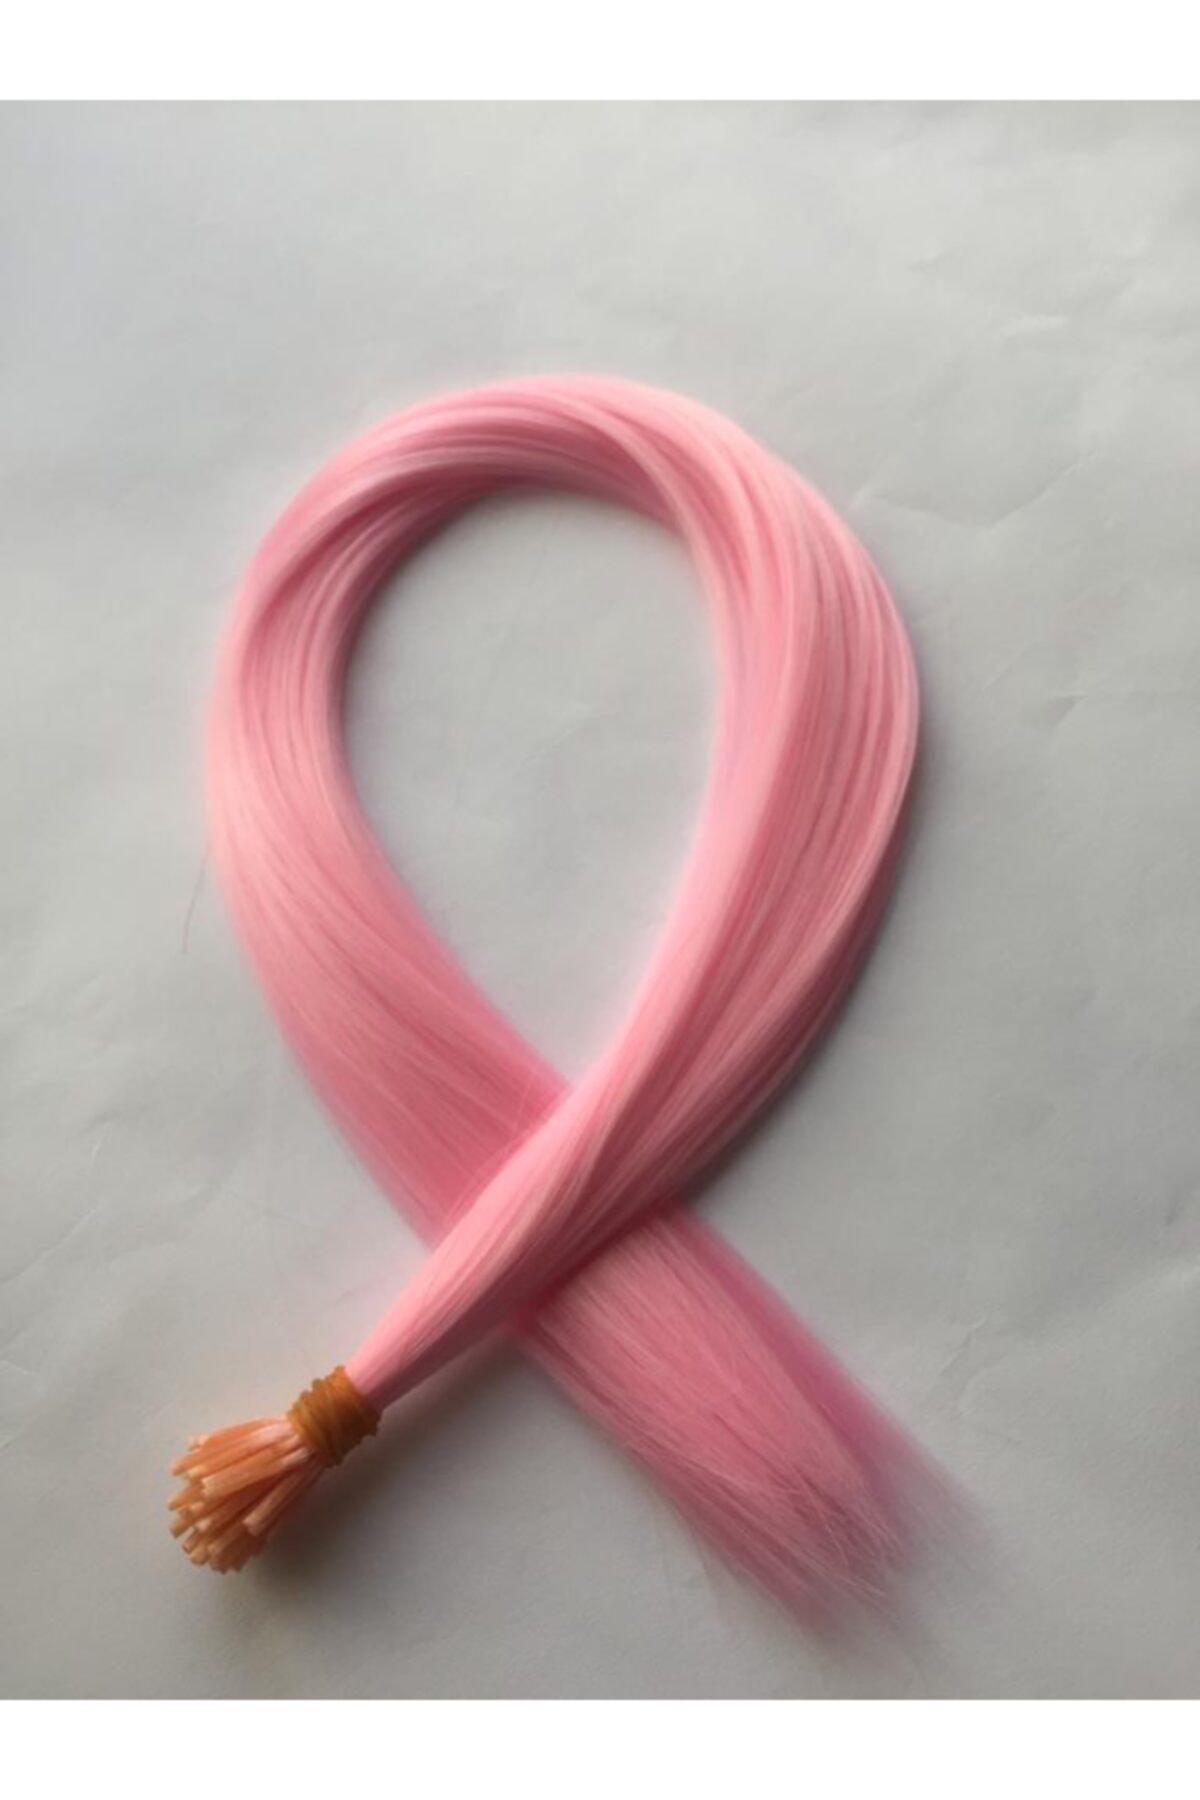 Renkli Sentetik Boncuk Kaynaklık Saç Takım Aparatı Şeker Pembe 10 Adet